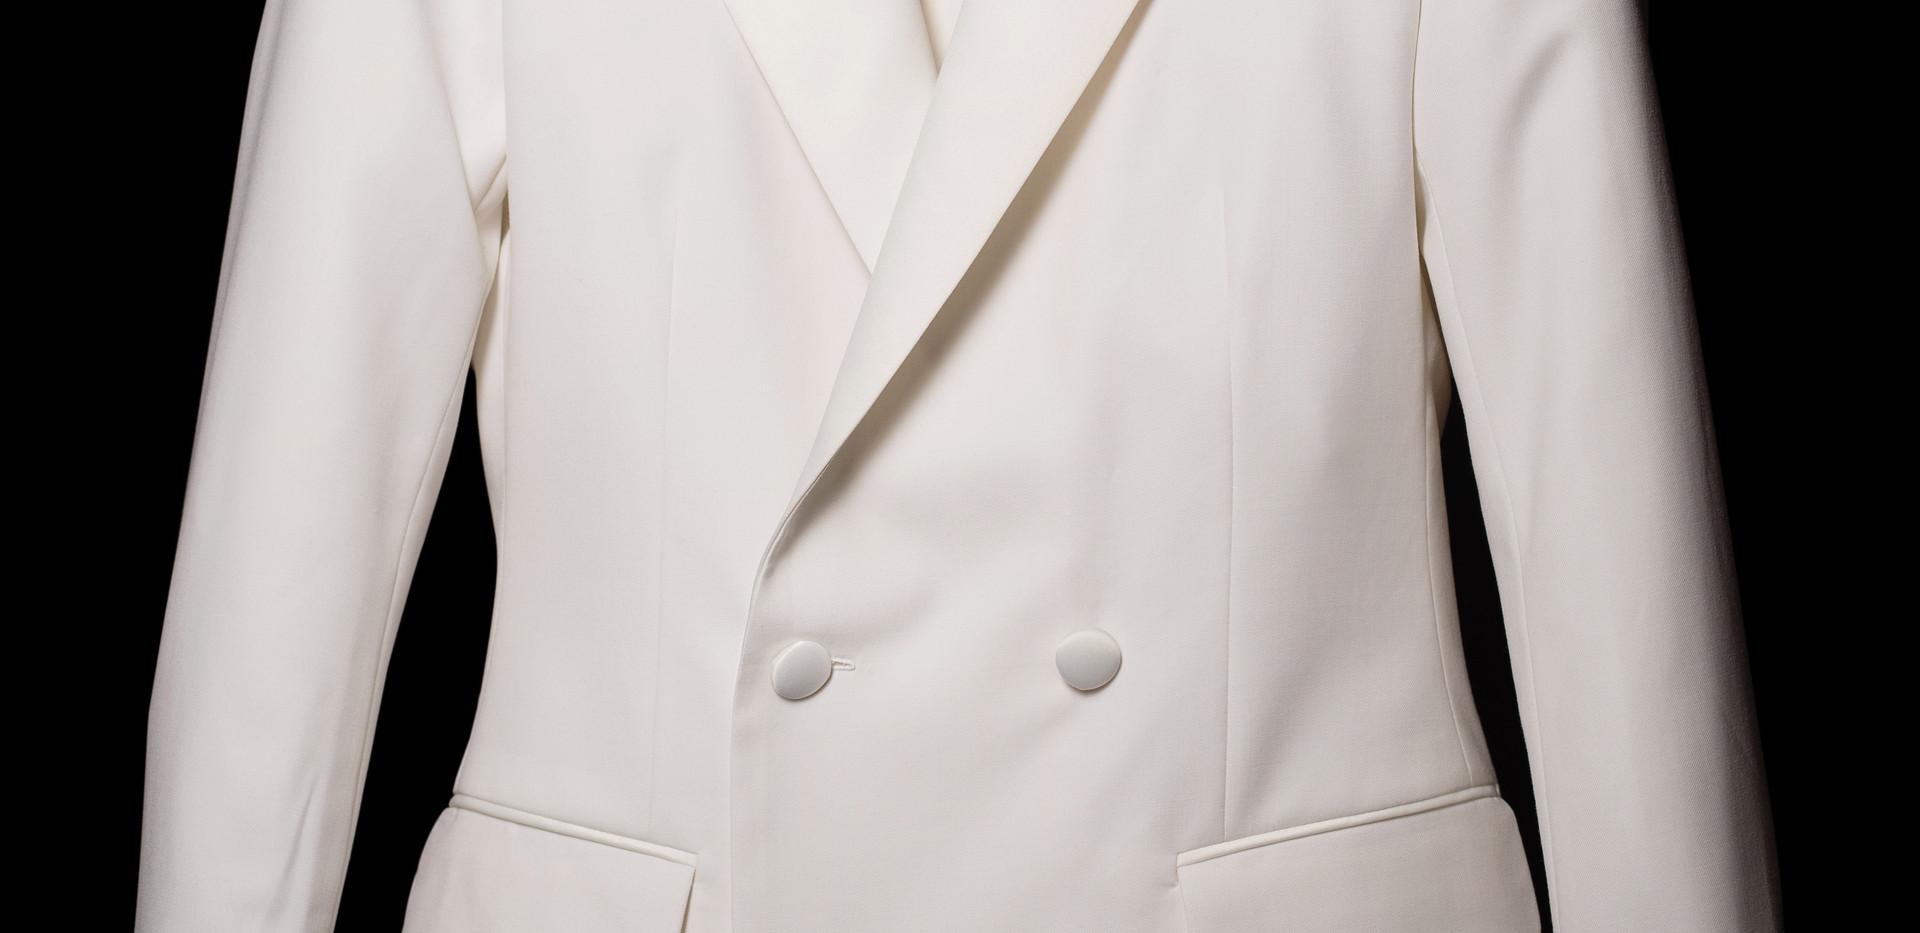 Oropeza White Tuxedo